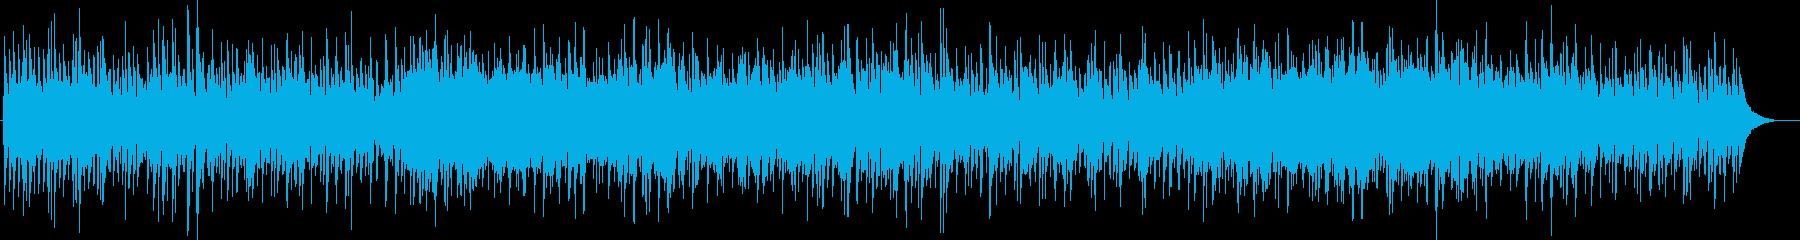 爽やかでポップなアコギファンクの再生済みの波形